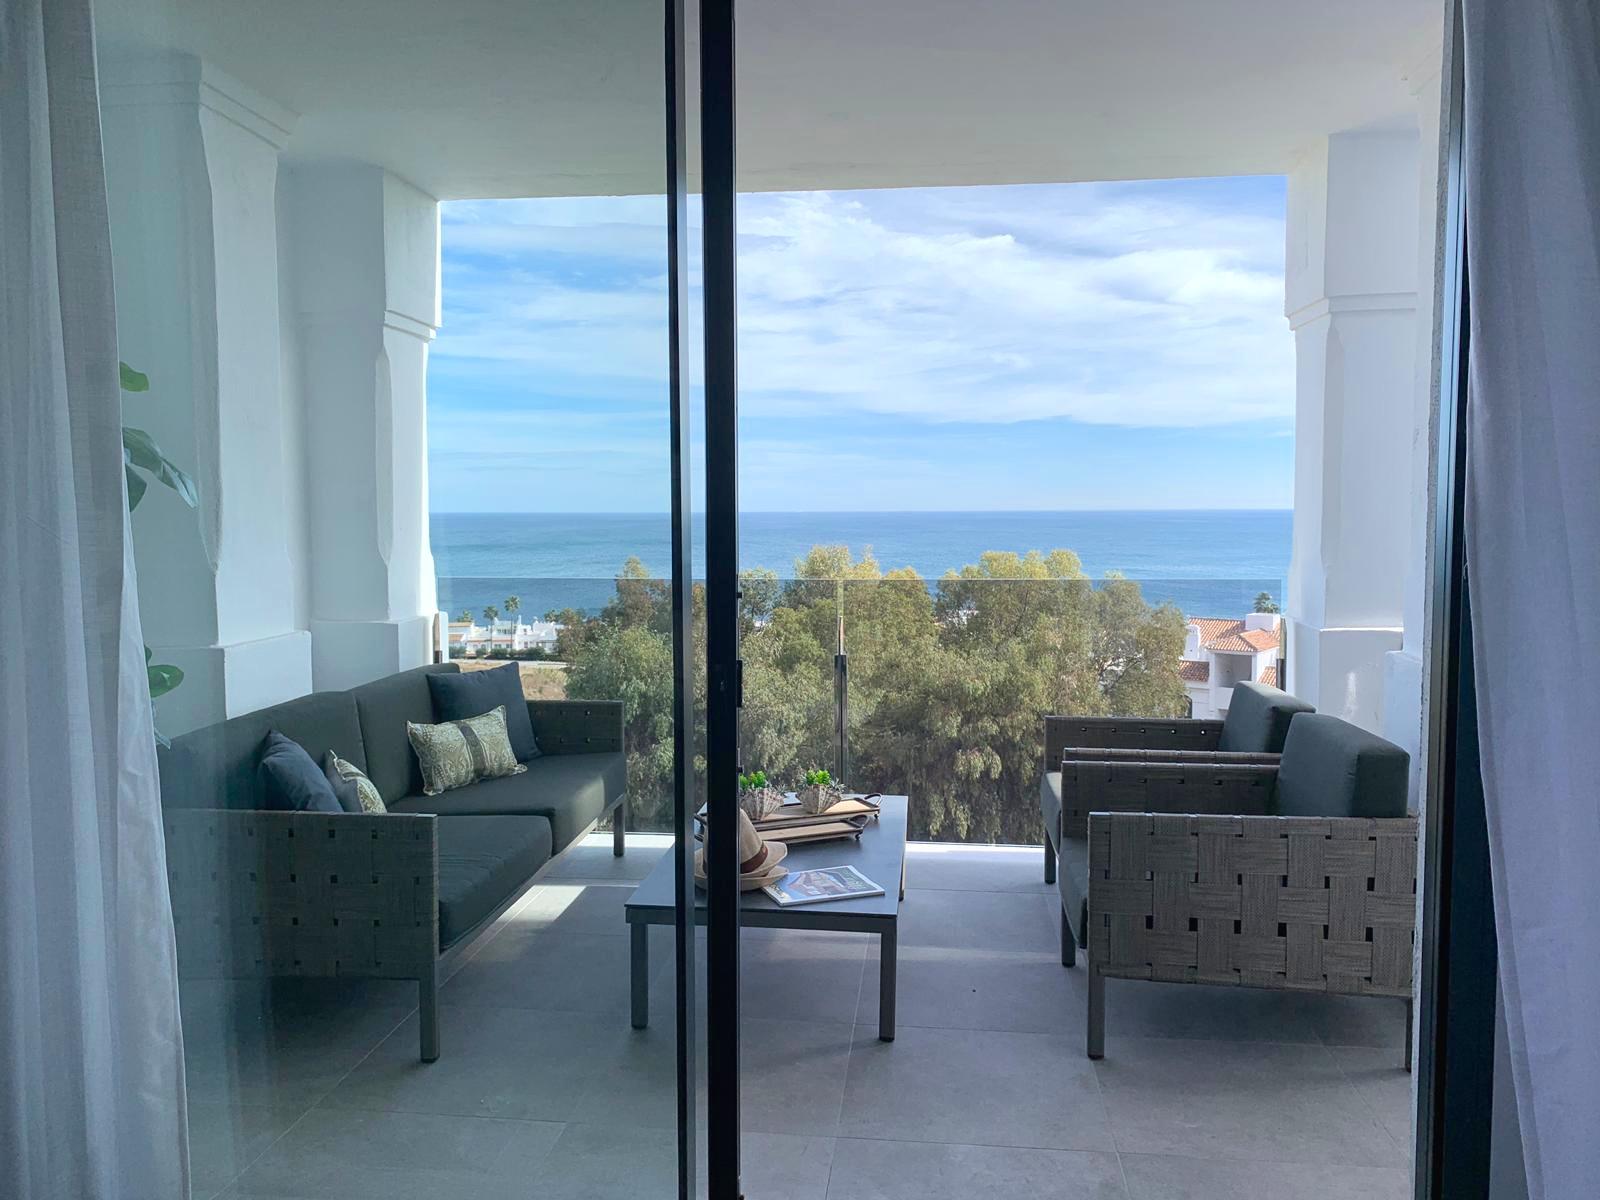 Duplex Penthouse  for sale in  Manilva Beach, Manilva